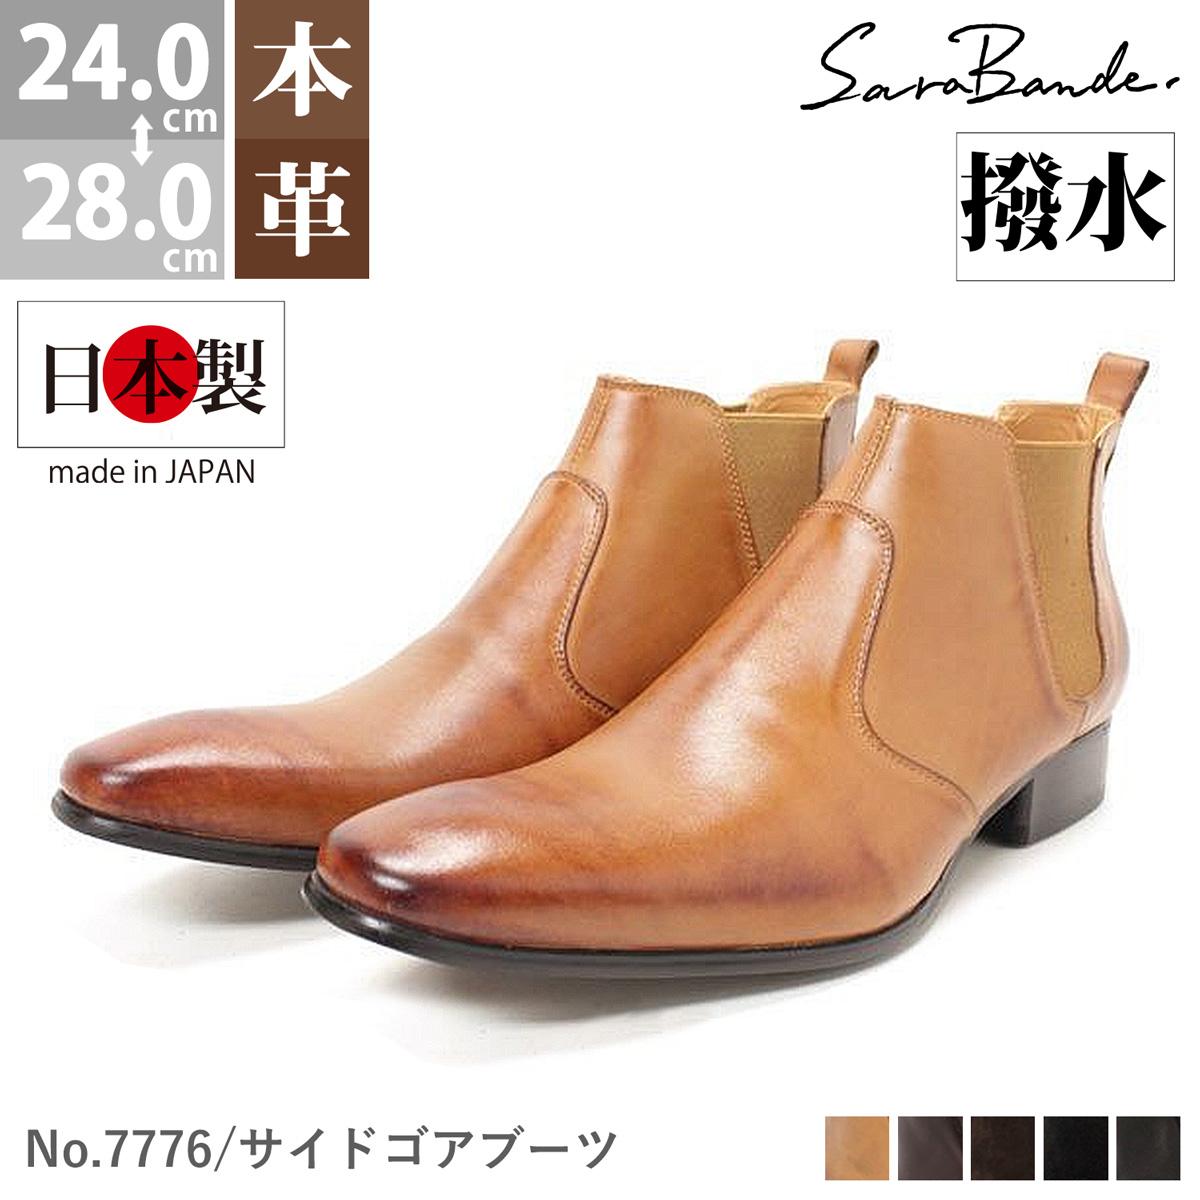 【送料無料】ビジネスブーツ 本革 日本製 メンズ 革靴サイドゴアブーツ ブーツ ショートブーツ レザー スエード ビジネス シューズ プレーントゥ カジュアル 紳士靴 紐靴 ロングノーズ スリッポン 黒 ブラックNo.7776【5色展開】【SARABANDE サラバンド】